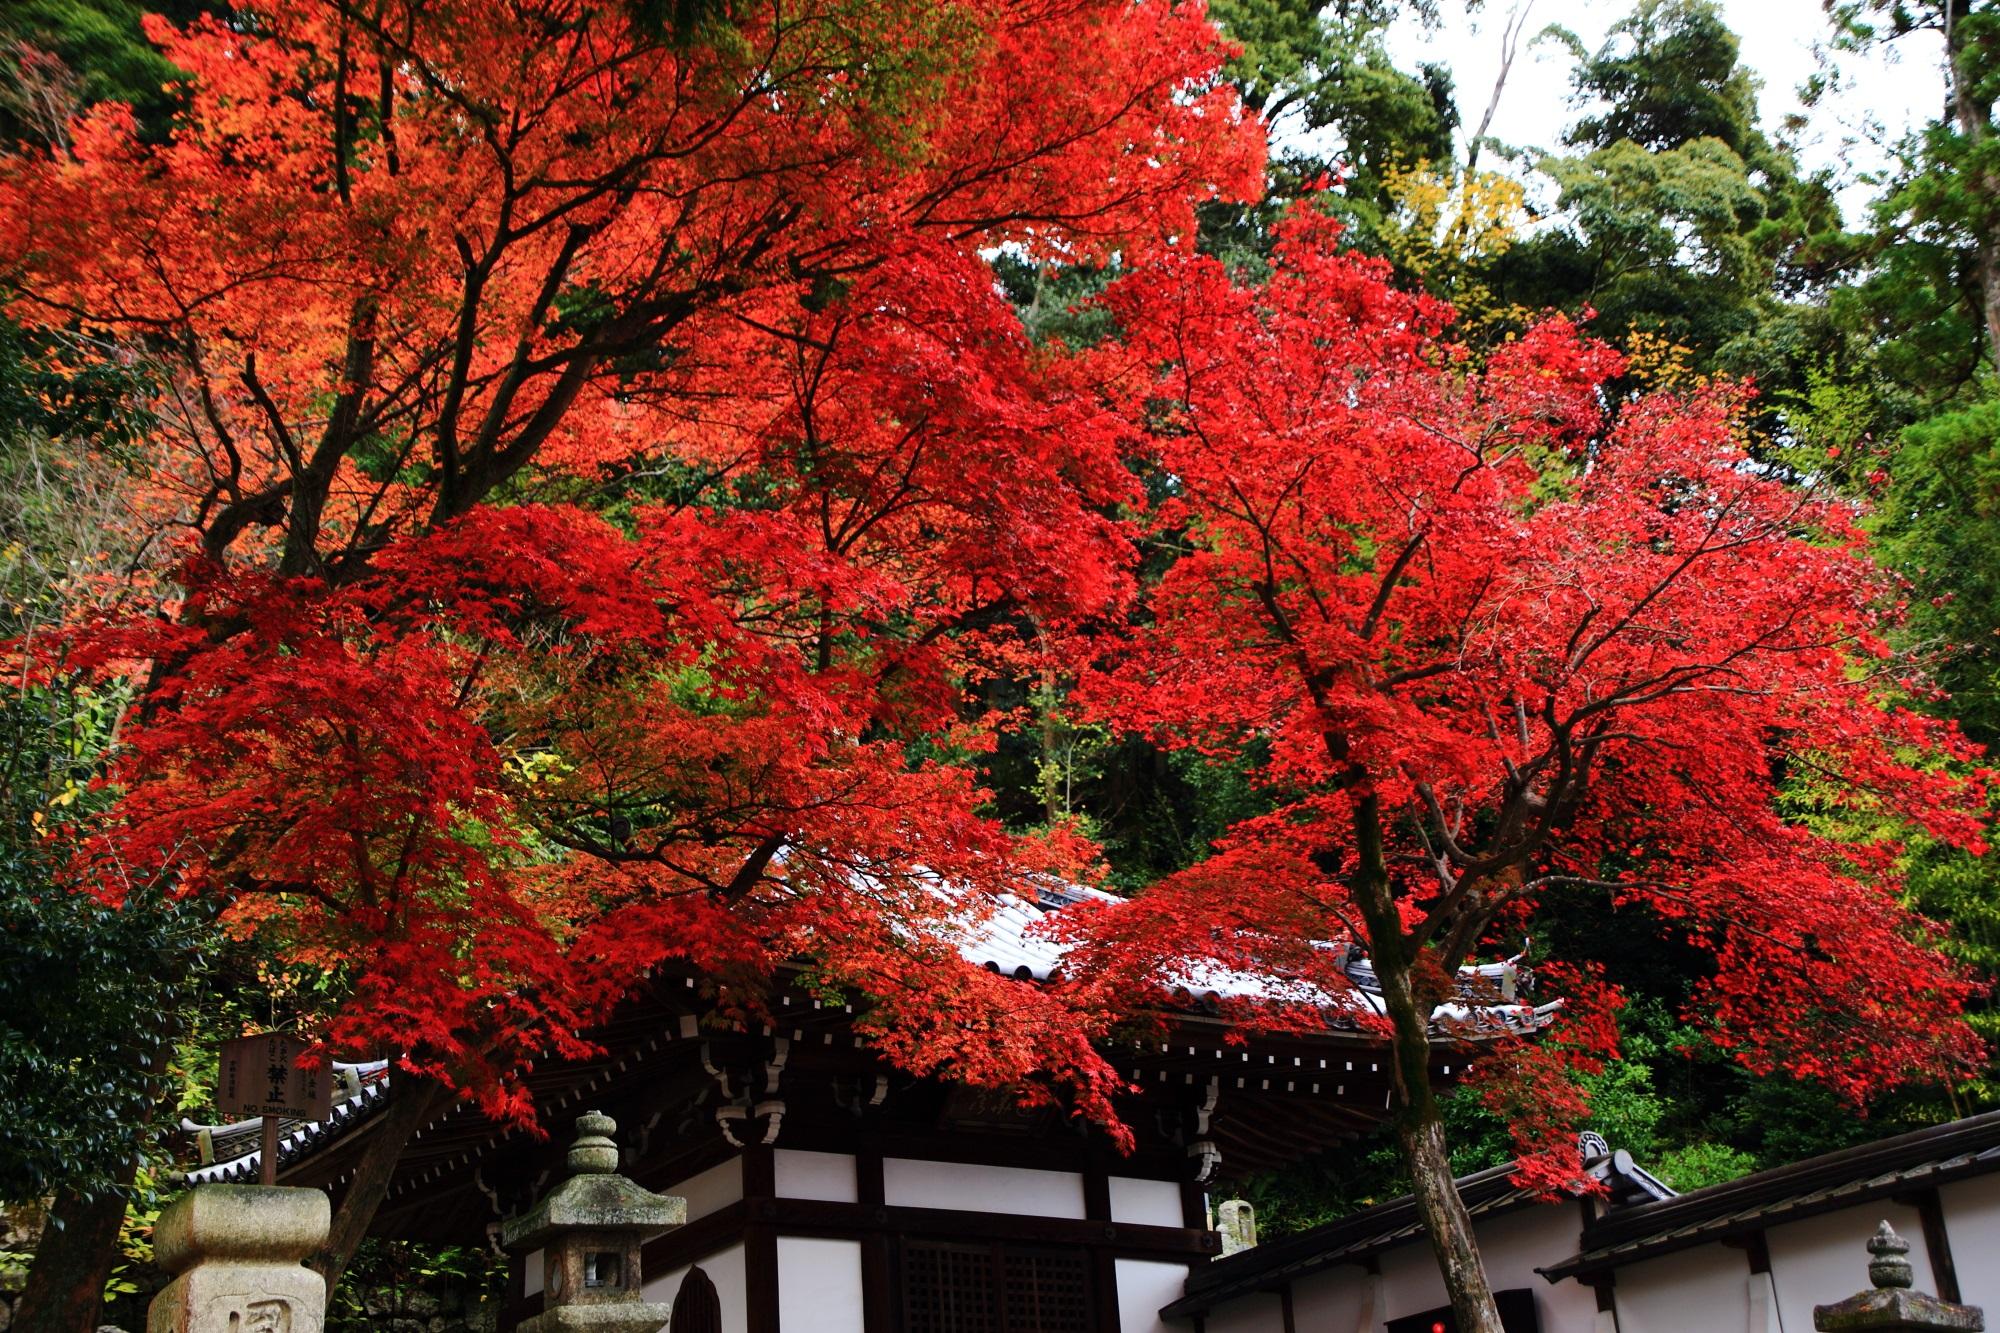 白壁のお堂に映える真っ赤な紅葉